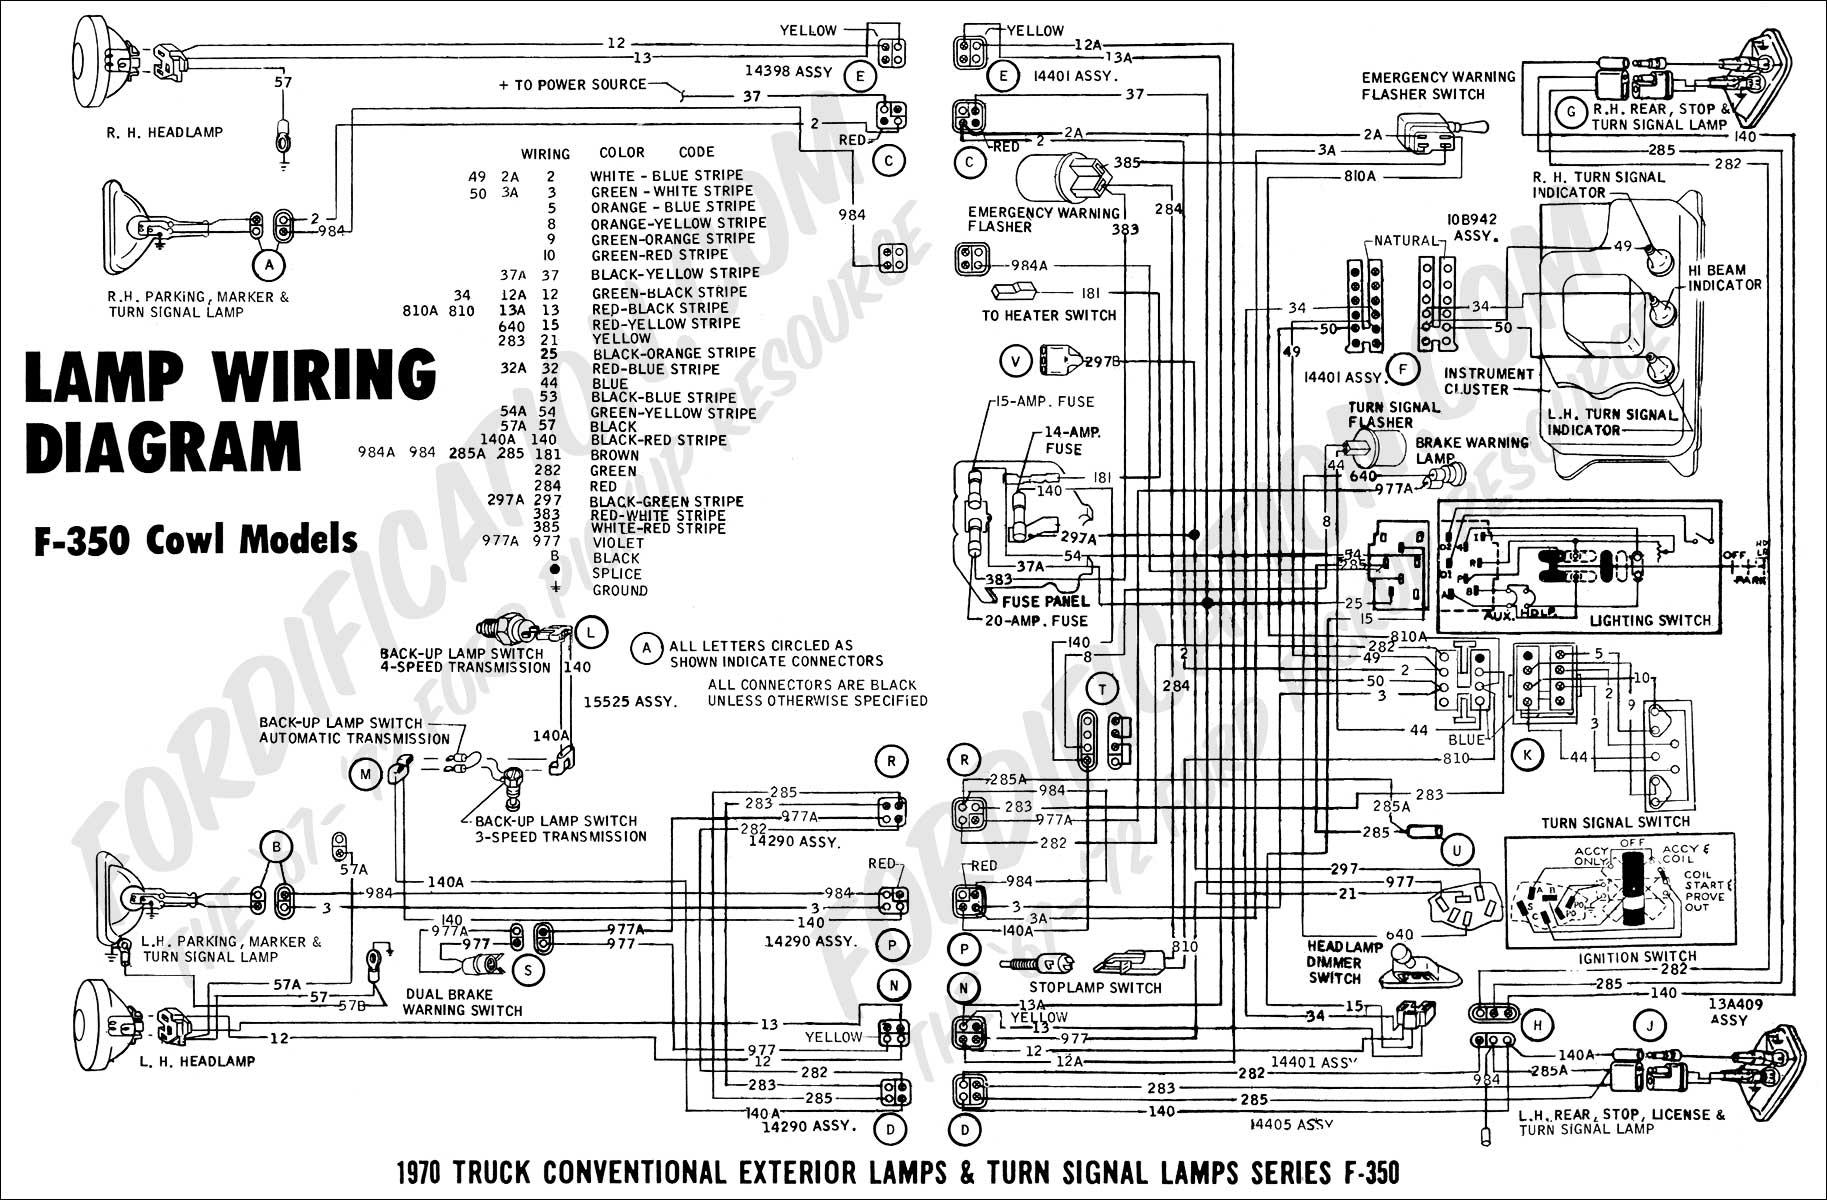 Engineering Wellness